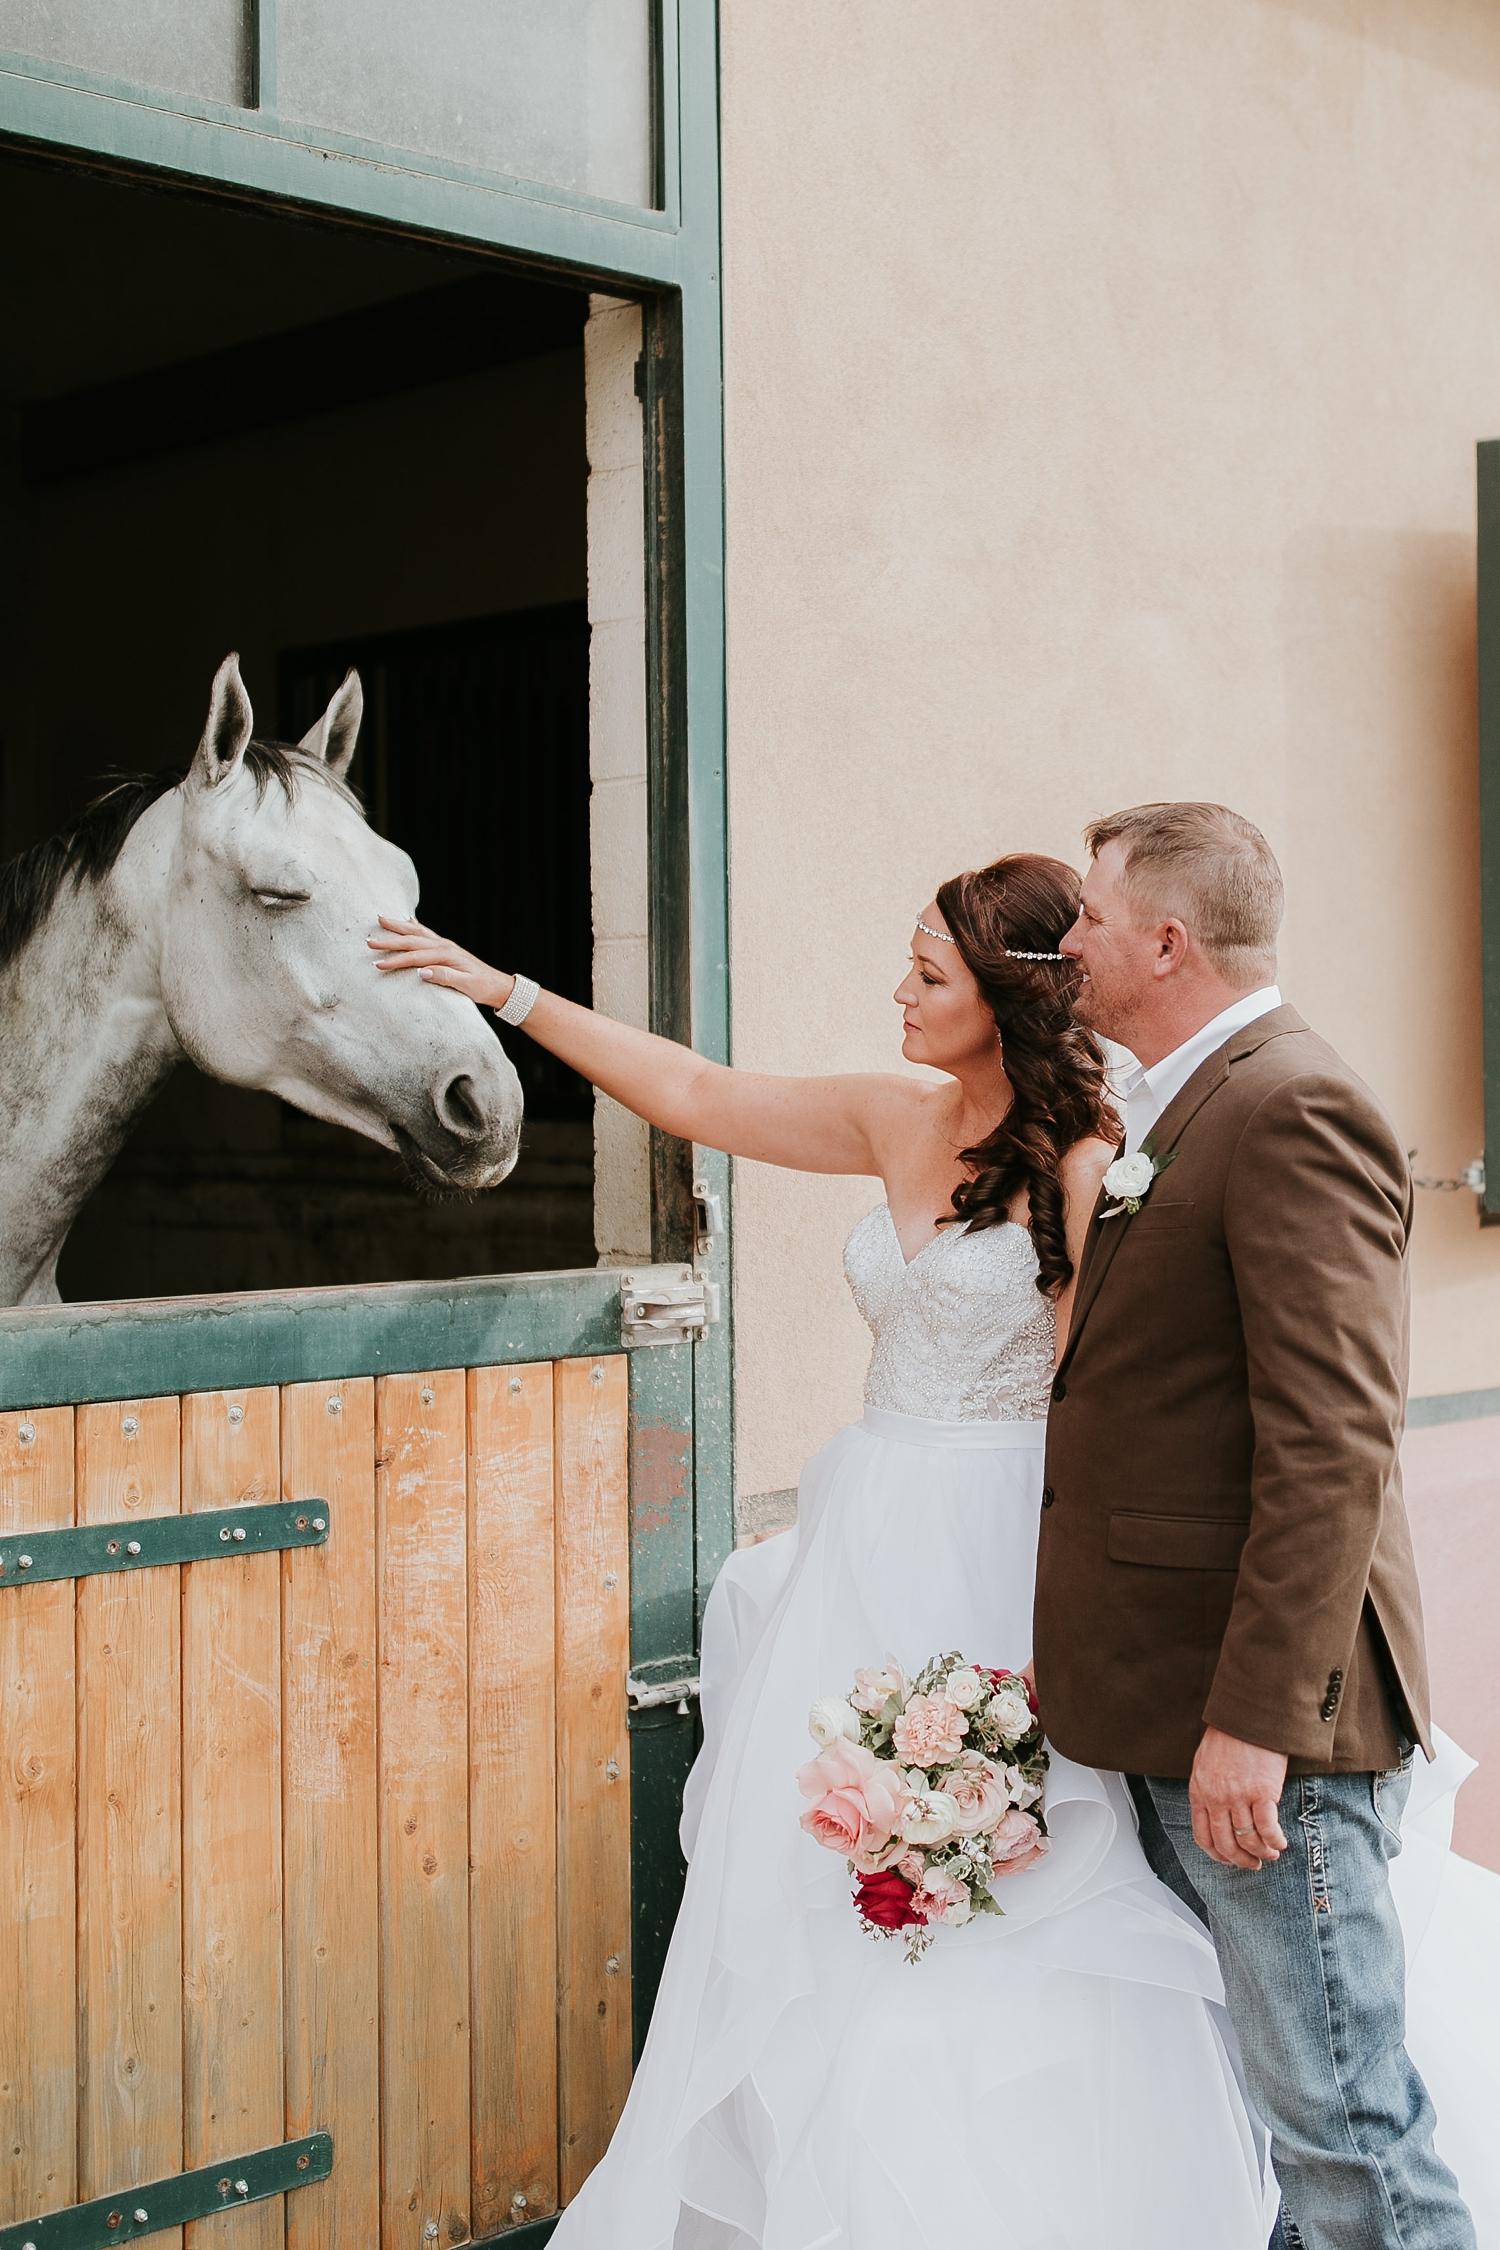 Alicia+lucia+photography+-+albuquerque+wedding+photographer+-+santa+fe+wedding+photography+-+new+mexico+wedding+photographer+-+new+mexico+engagement+-+la+mesita+ranch+wedding+-+la+mesita+ranch+spring+wedding_0056.jpg